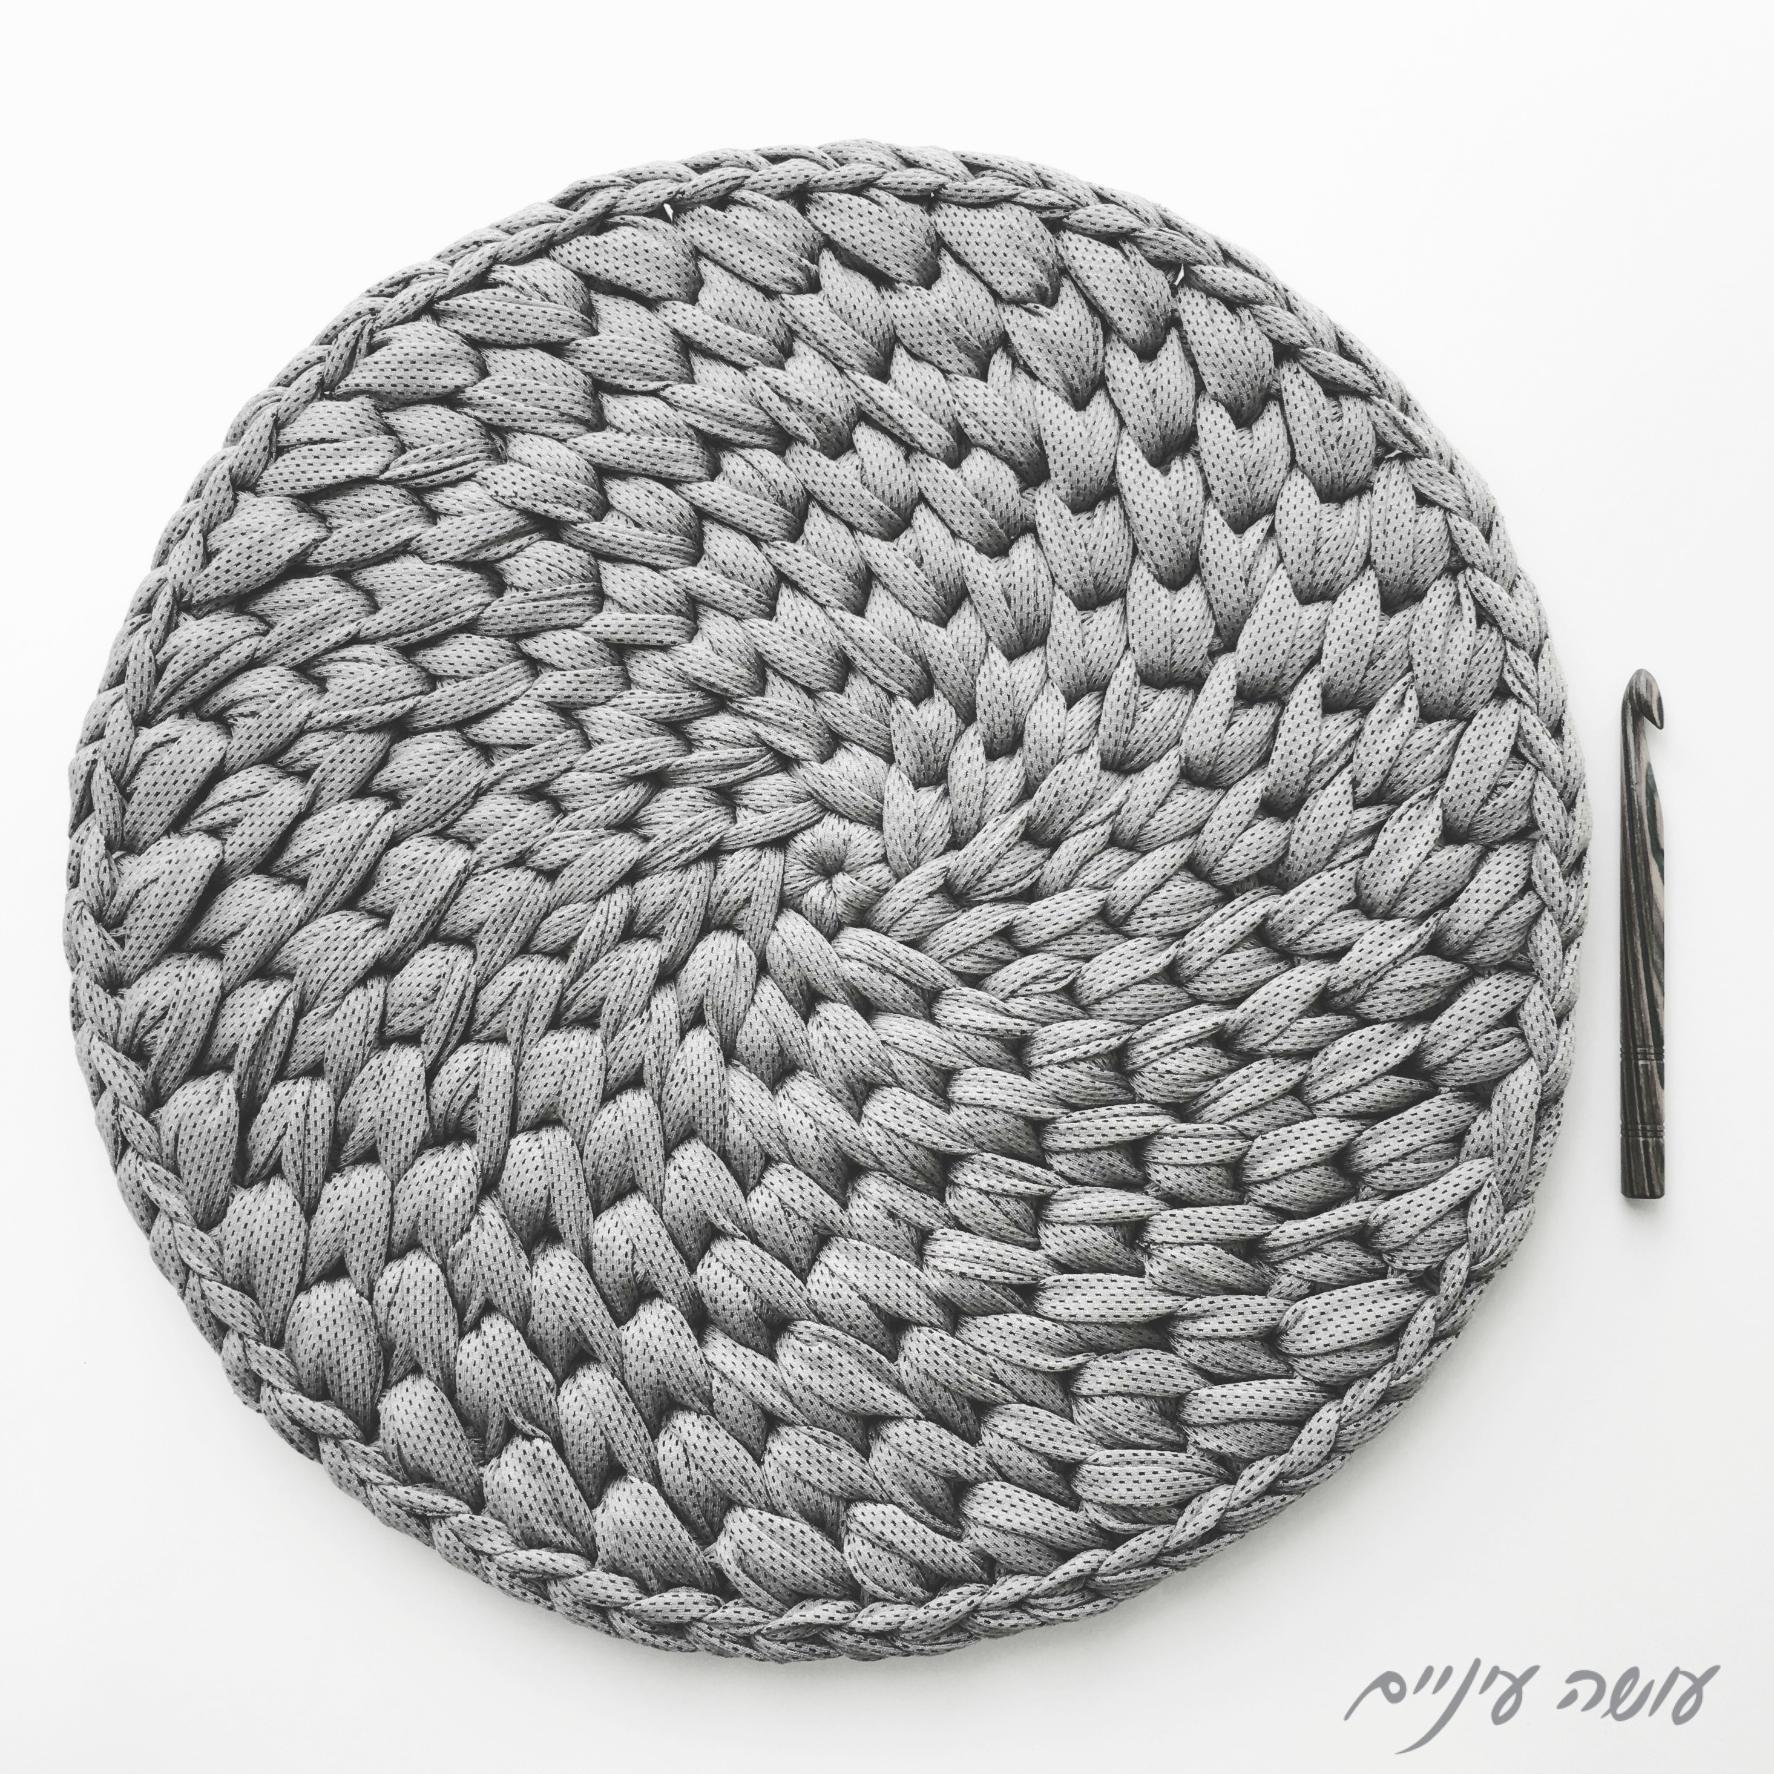 עושה עיניים - שטיח איקסים משודרג מחוטי טריקו, ההתחלה || Osa Einaim - Crochet t-shirt yarn crochet spiral cross stitch rug